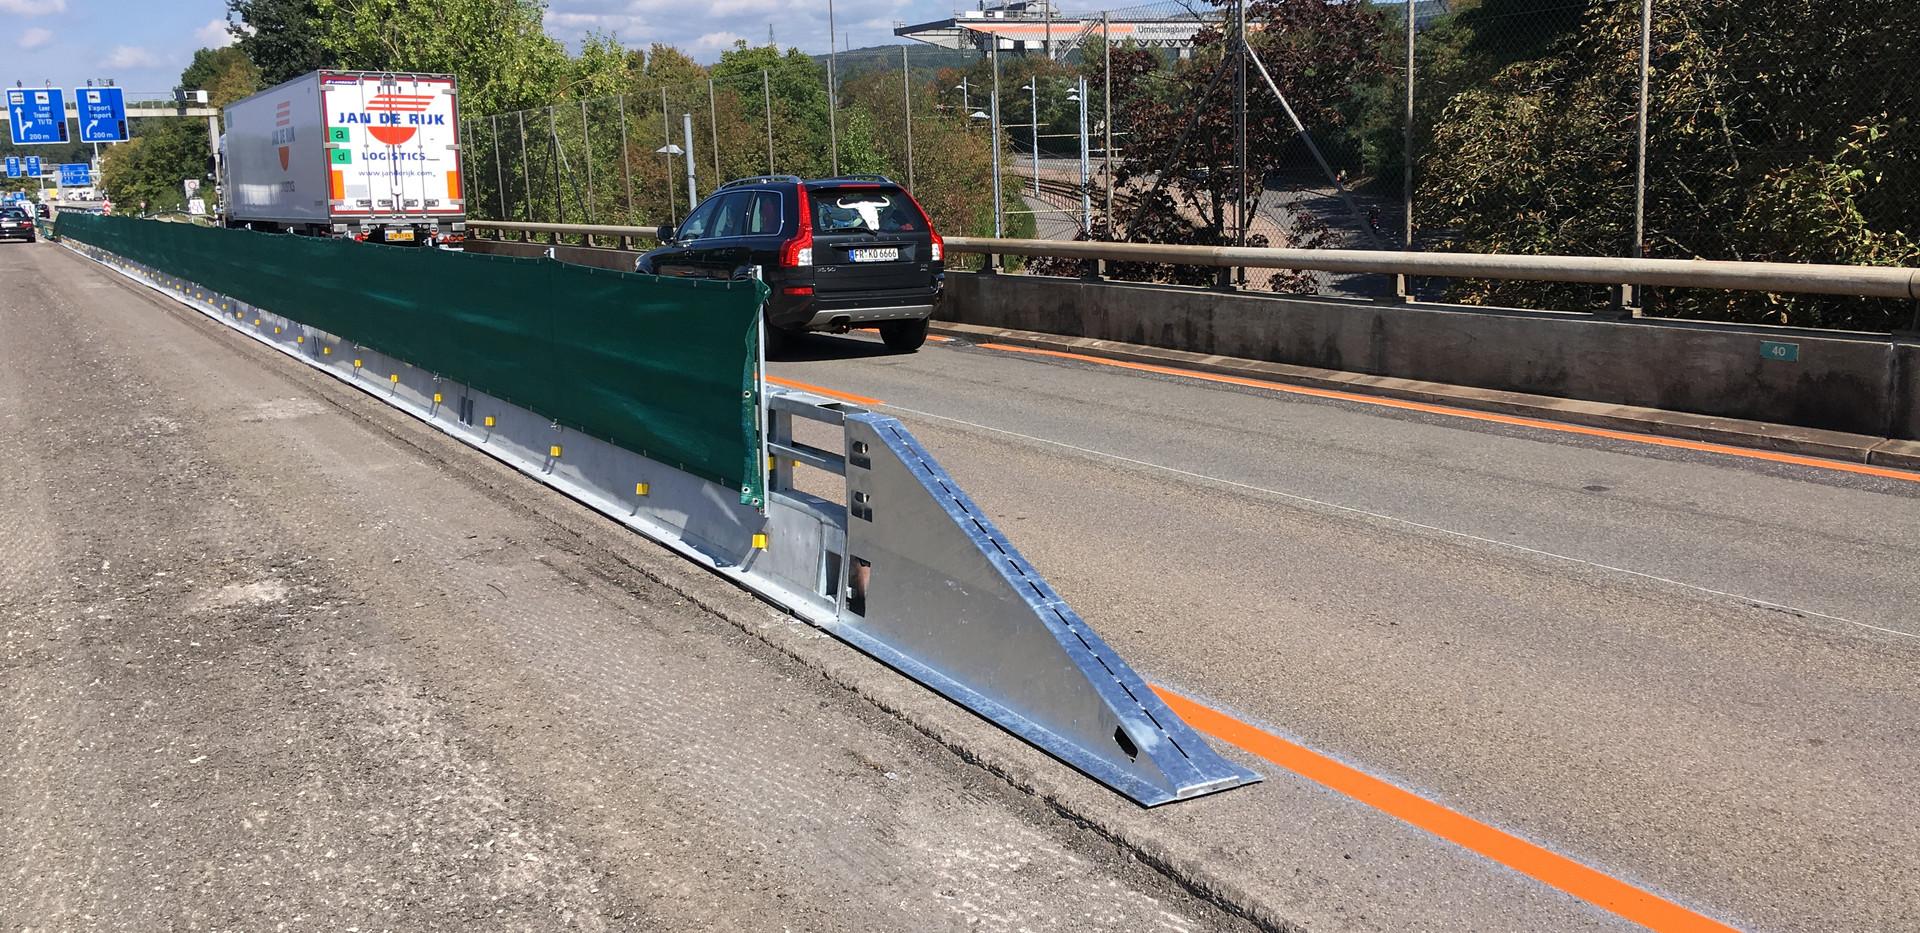 Grenzbrücke_Basel.jpg